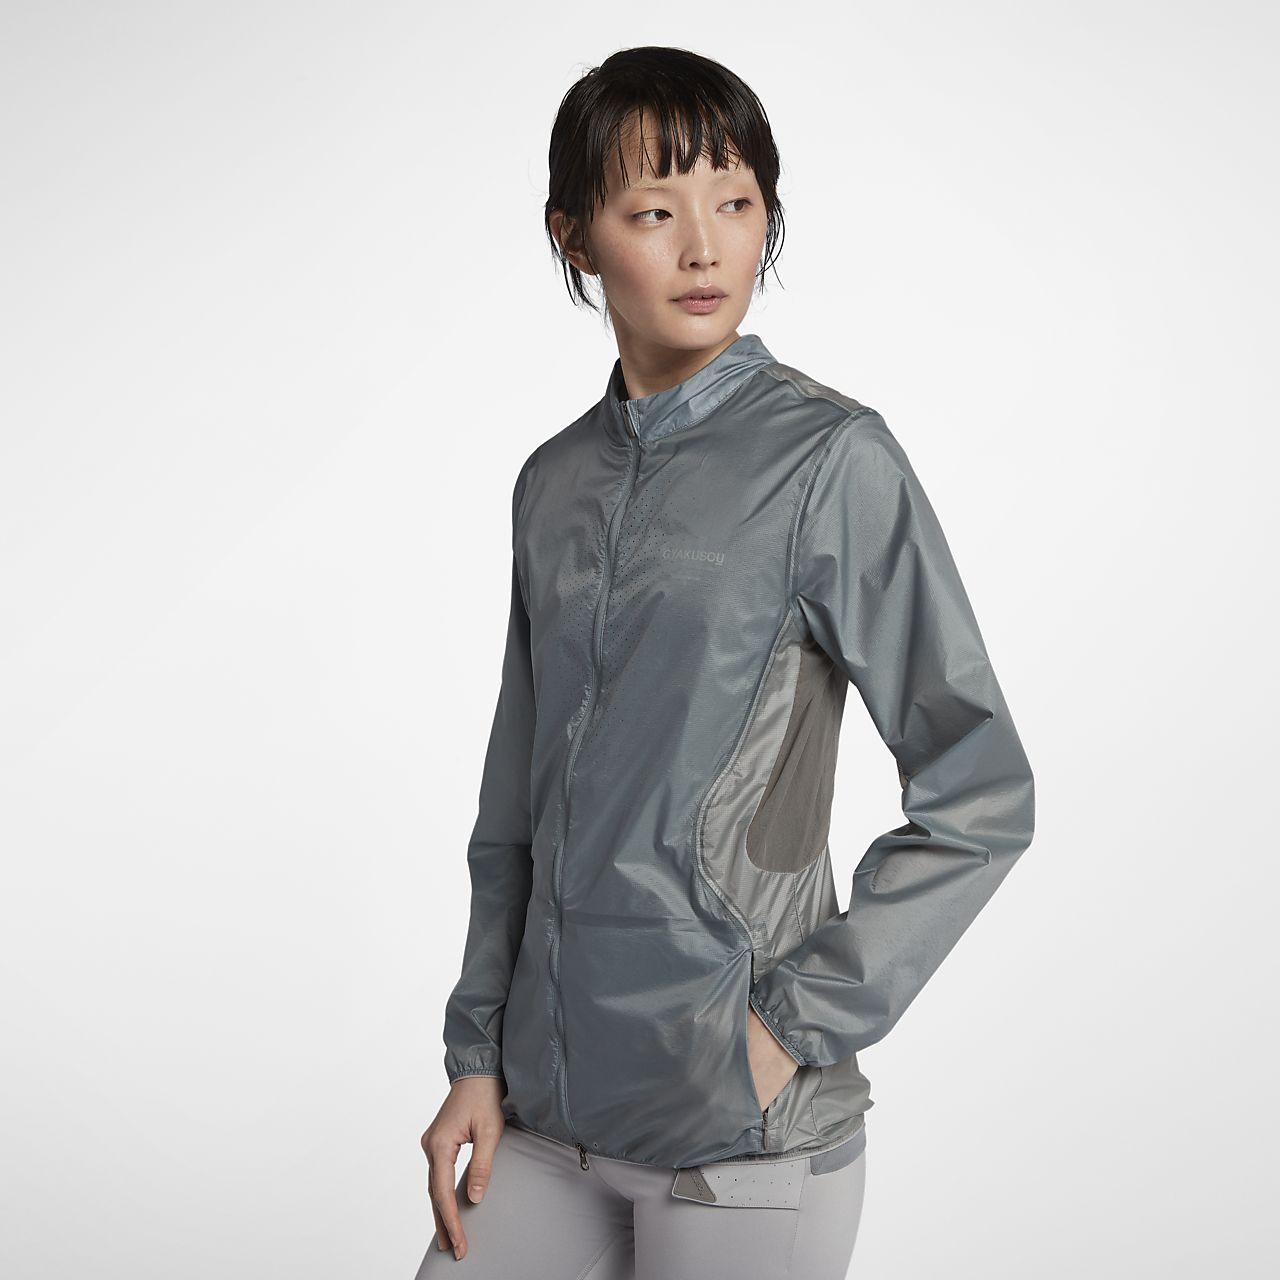 เสื้อแจ็คเก็ตพับได้ผู้หญิง Nike Gyakusou